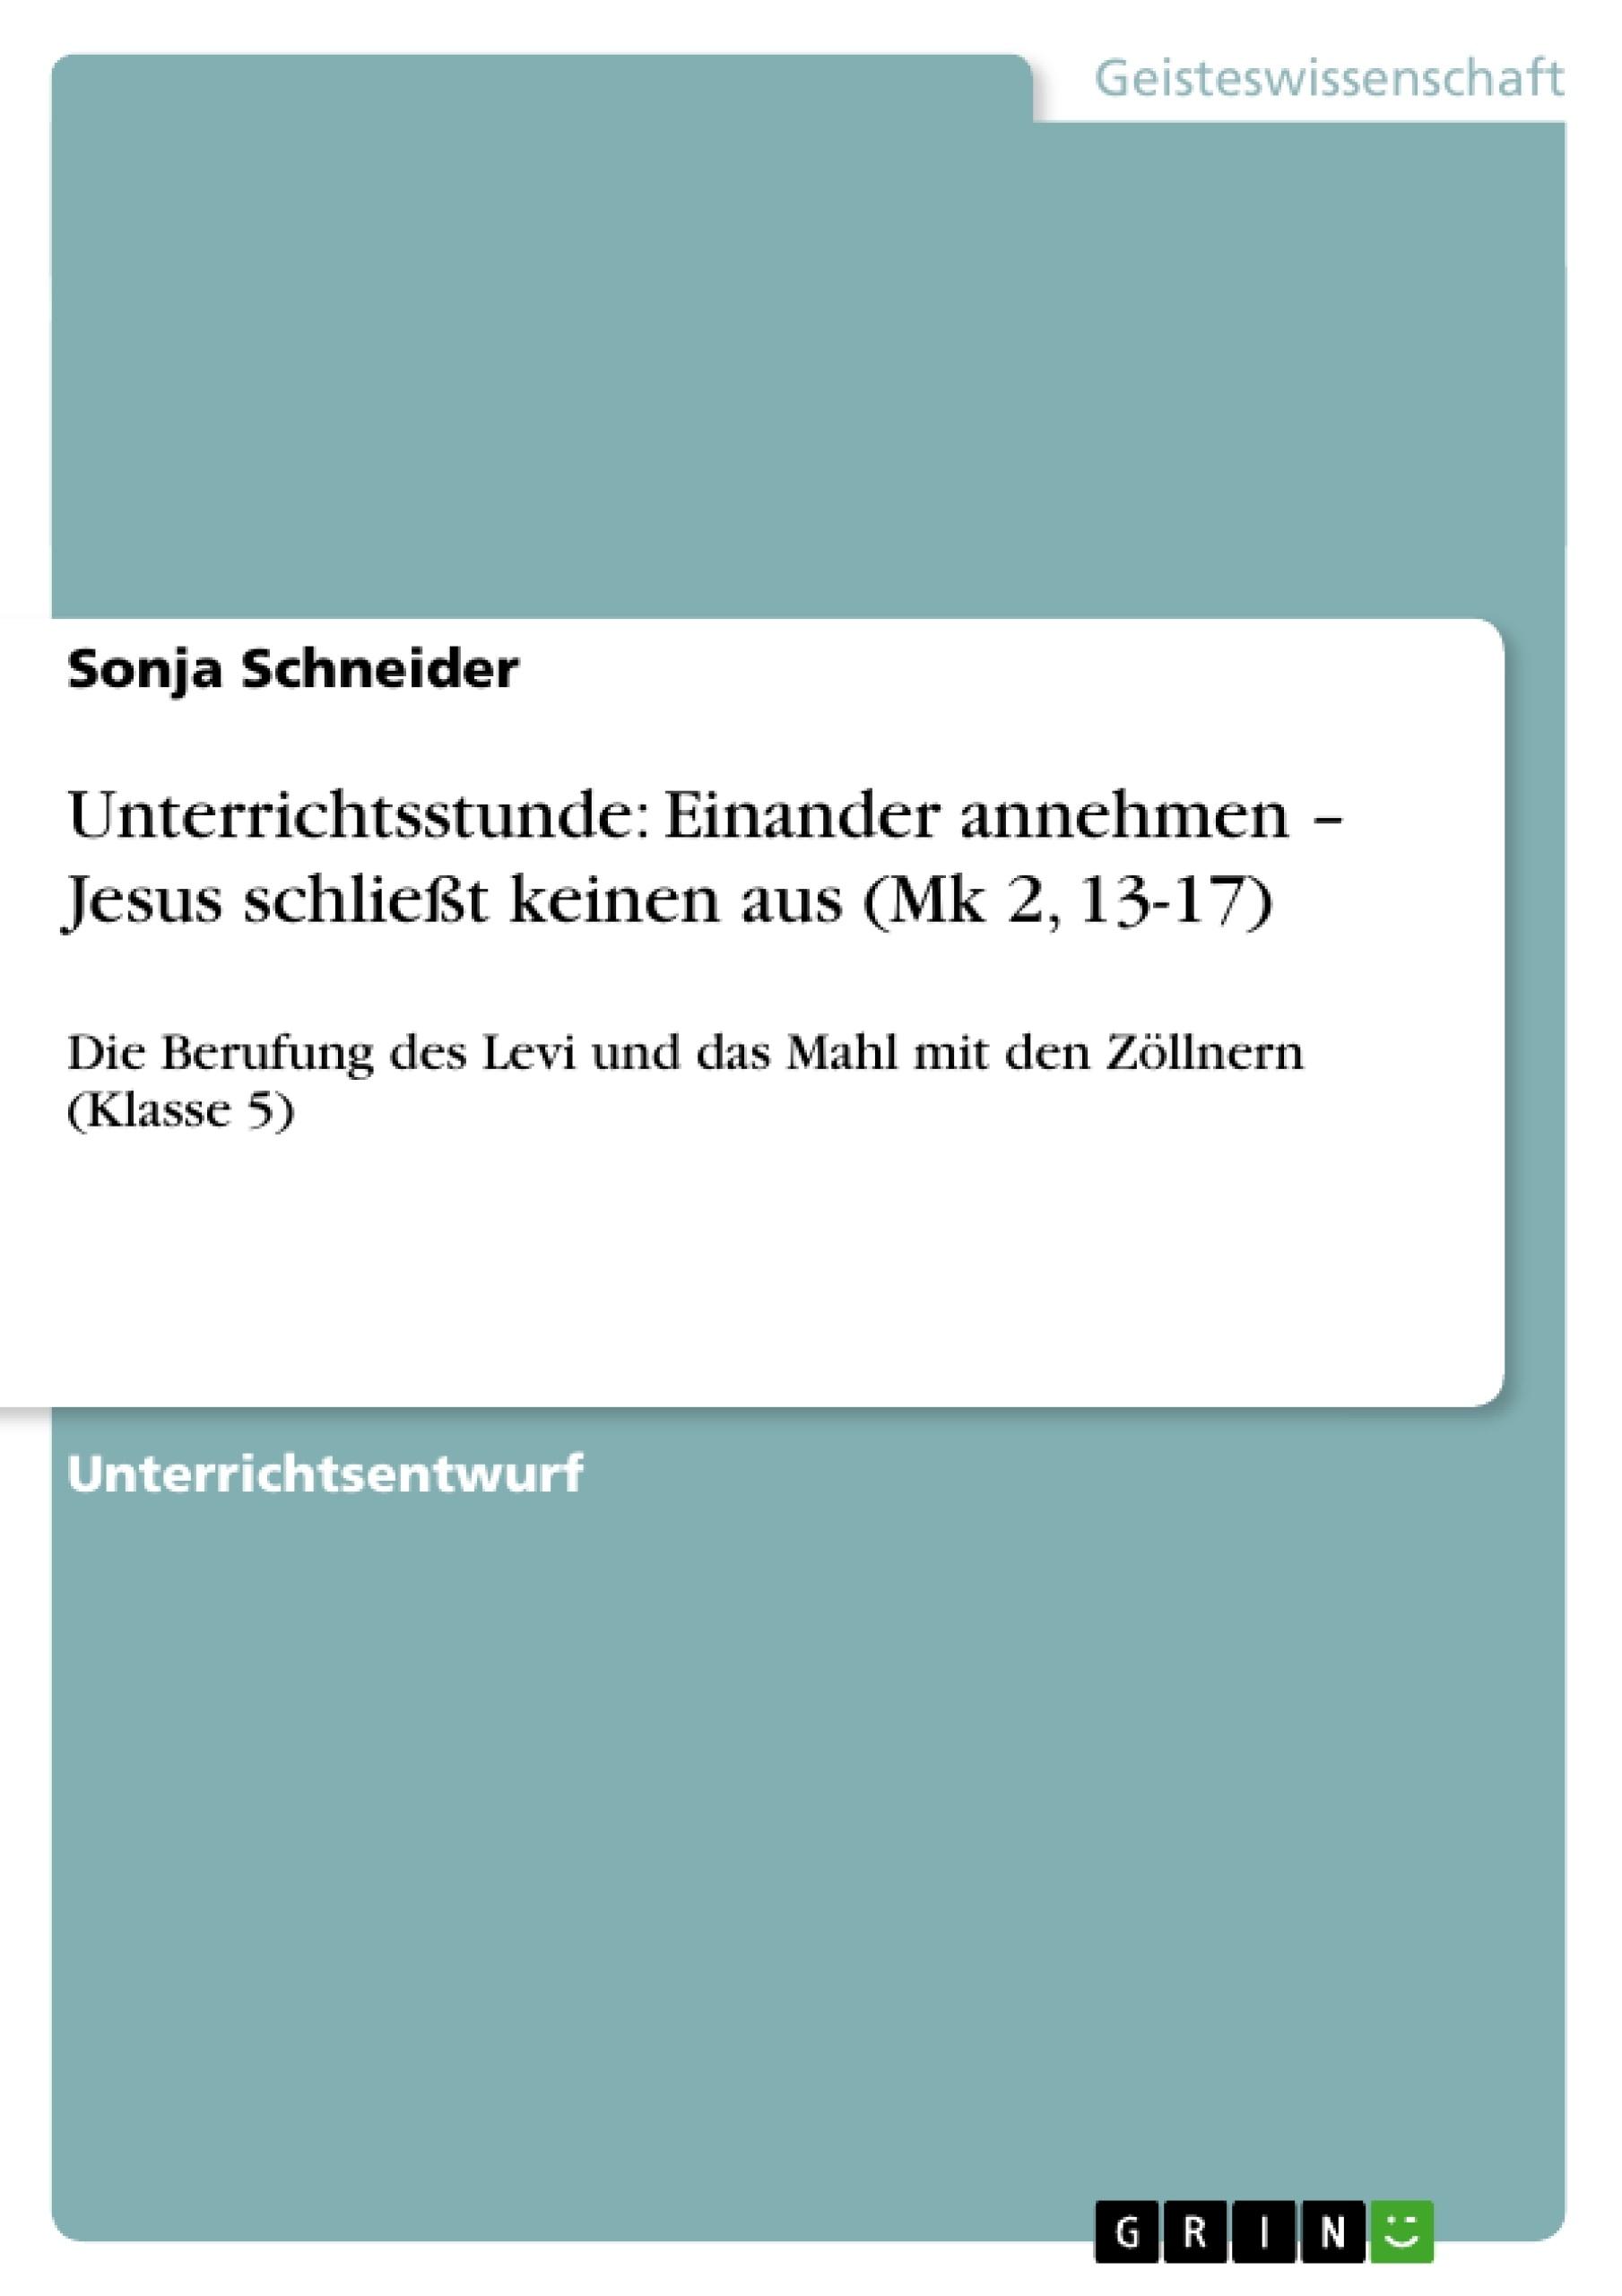 Titel: Unterrichtsstunde: Einander annehmen – Jesus schließt keinen aus (Mk 2, 13-17)